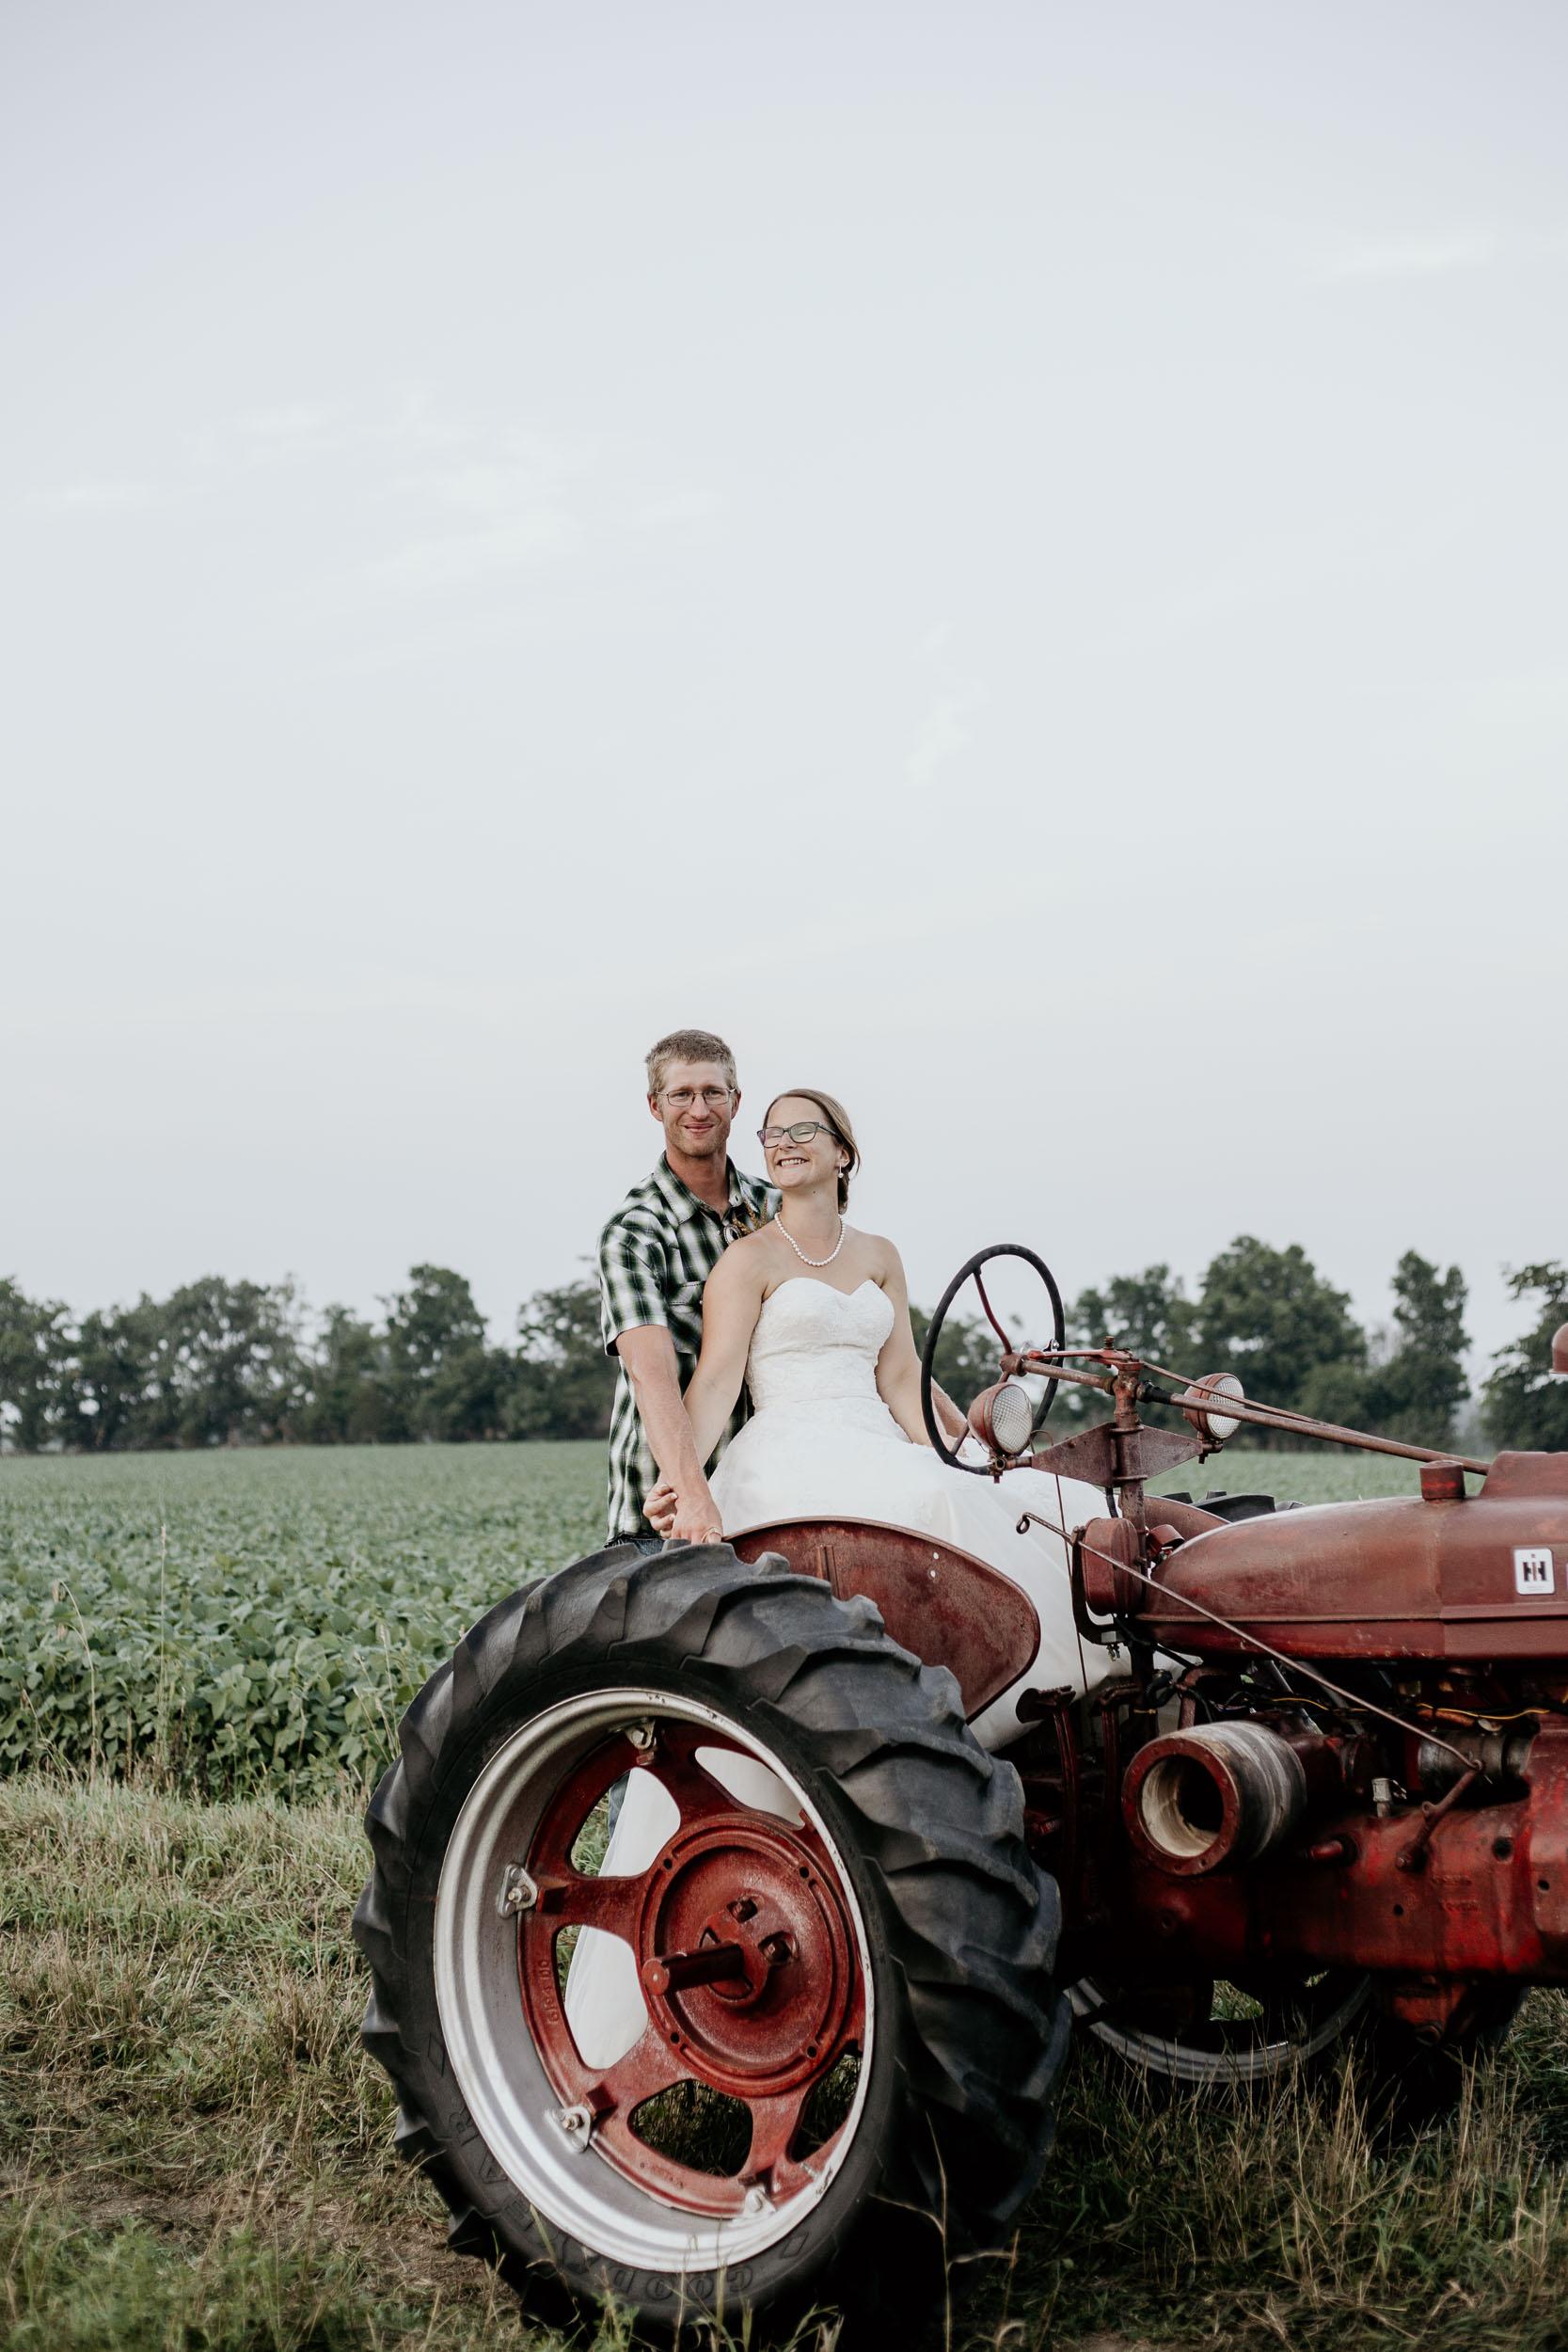 intimate-wedding-elopement-photographer-ottawa-joshua-tree-3218.jpg